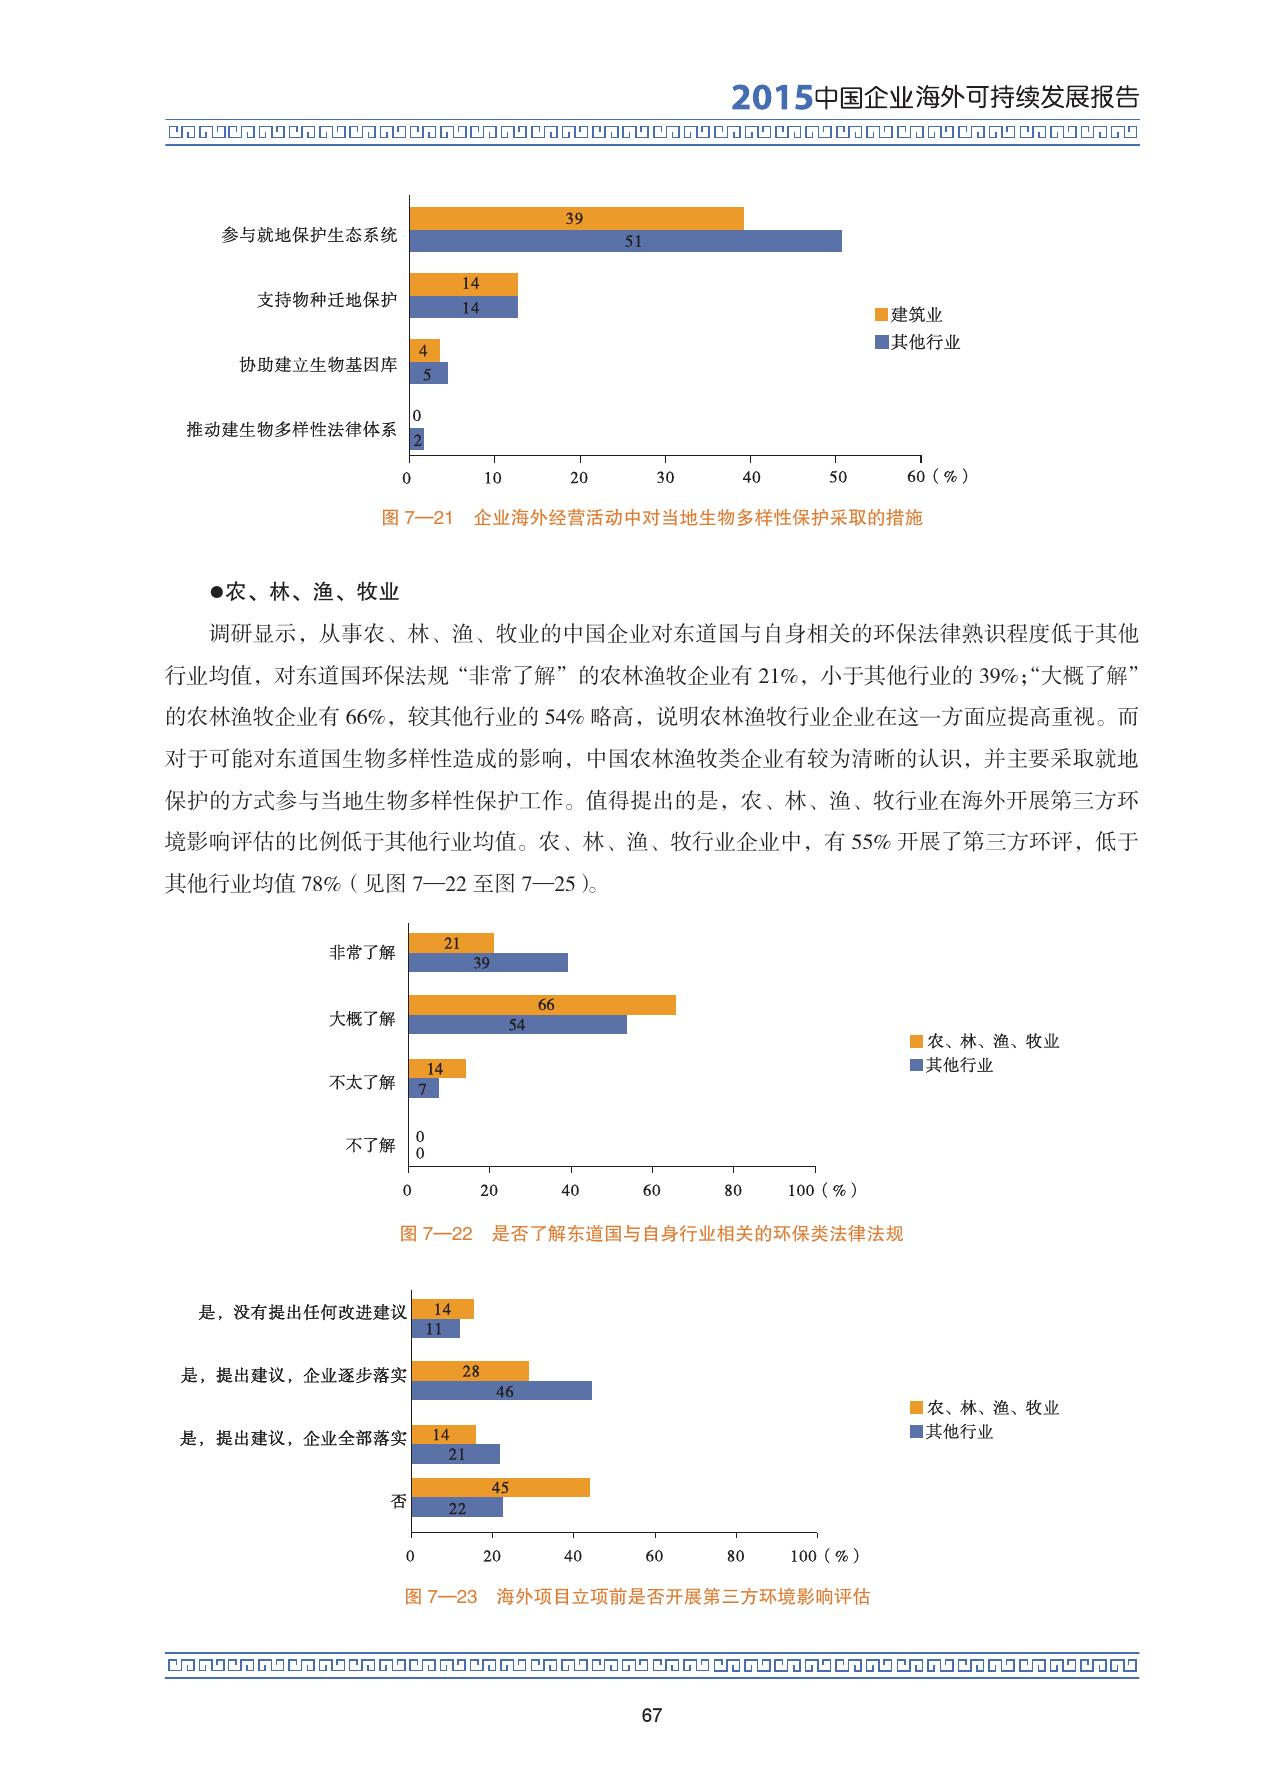 2015中国企业海外可持续发展报告_000081